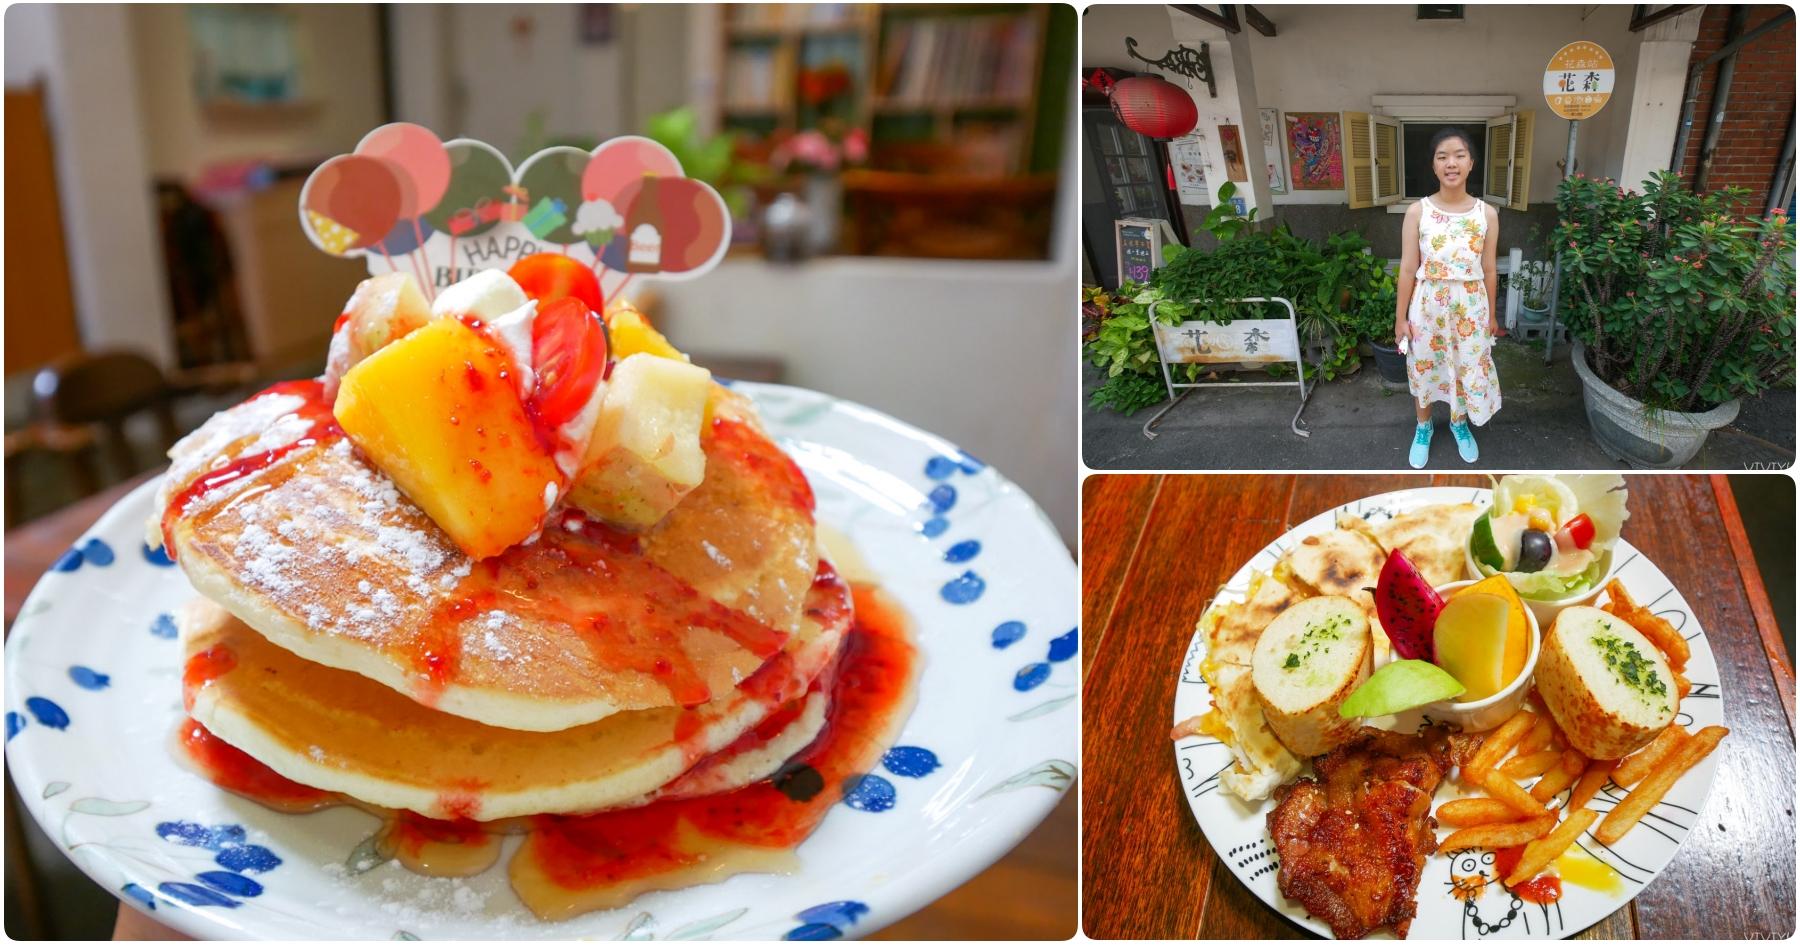 最新推播訊息:[大溪美食]花森早午餐咖啡|大溪老街附近老房子改造舒適用餐空間~當日壽星享花森特製鬆餅